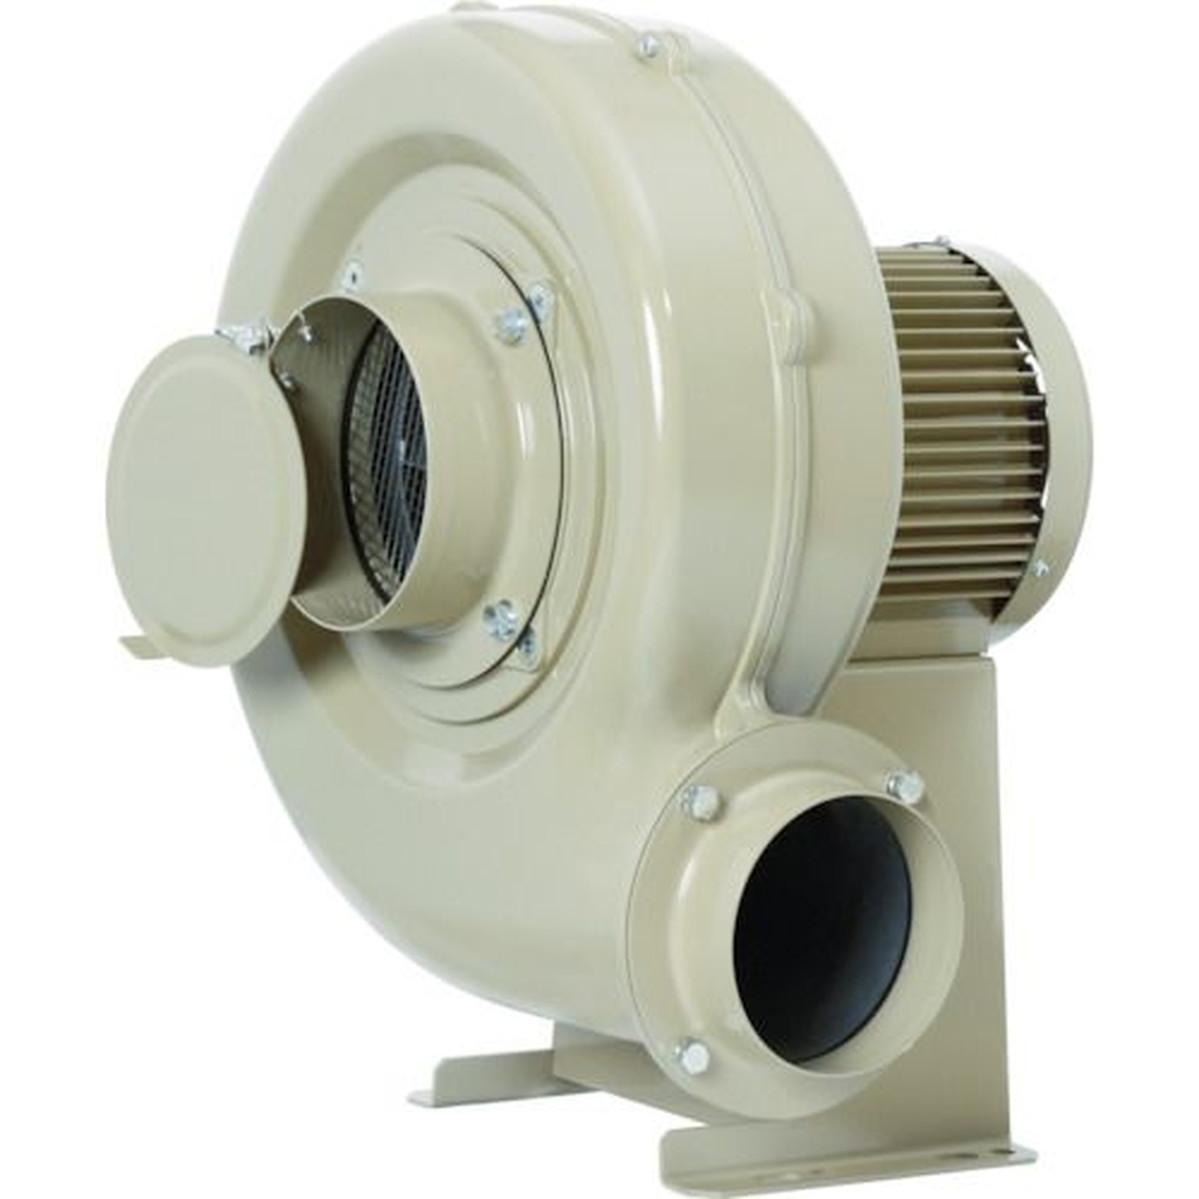 憧れ 昭和 高効率電動送風機 コンパクトシリーズ(1.0KW-400V) 1台 昭和 1台, ナカウオヌマグン:2ef11311 --- gerber-bodin.fr